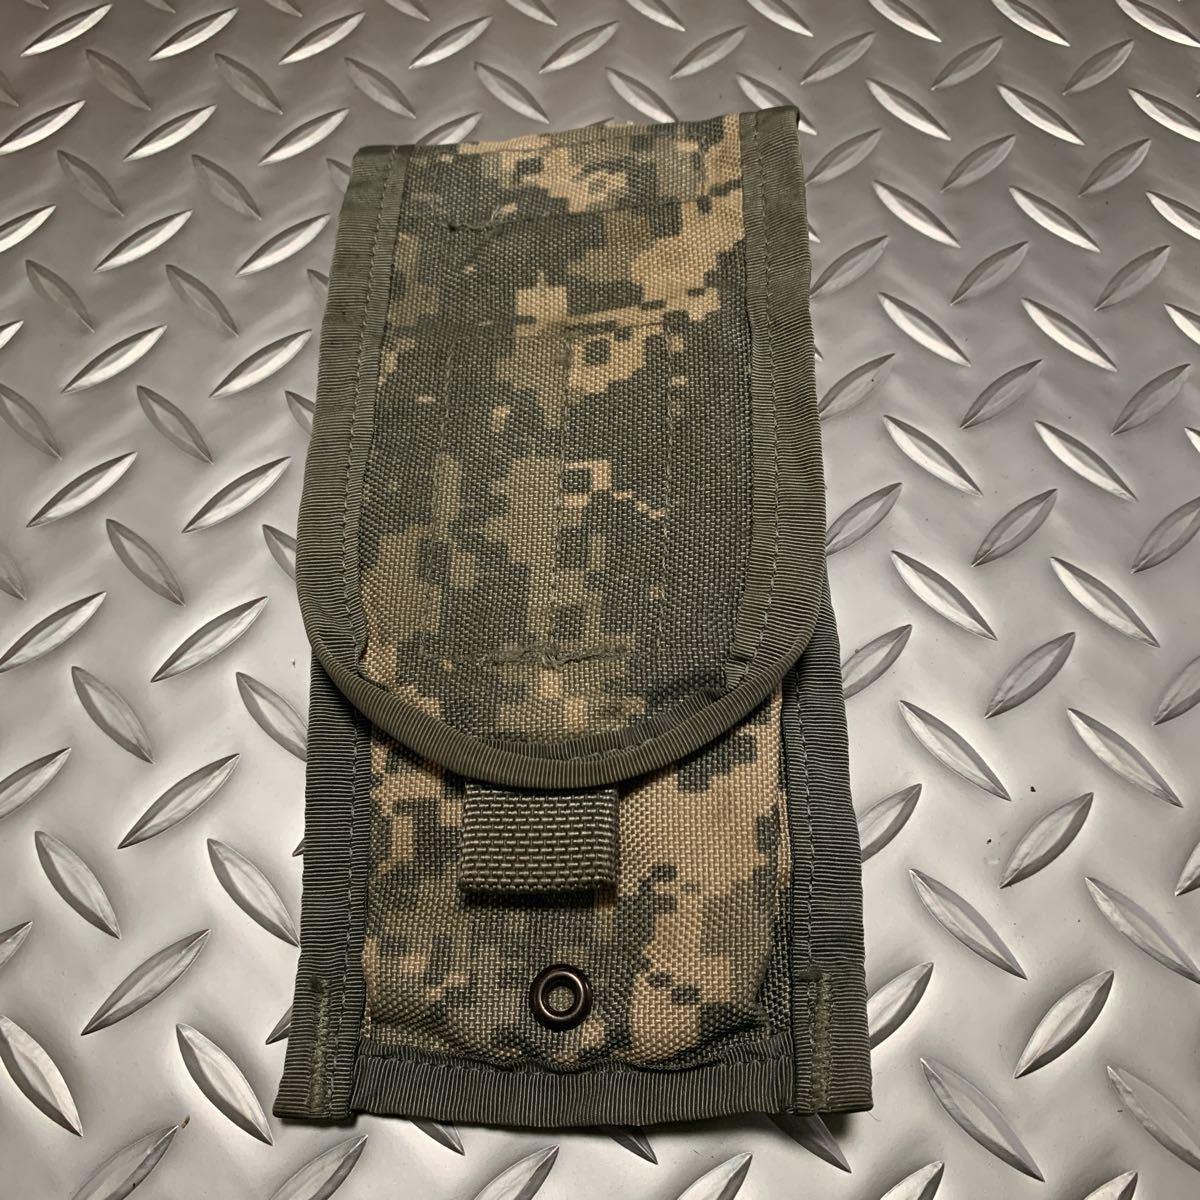 実物 米軍 放出品 ACU Molle ダブルマガジン ポーチM4/M16用 ARMY_画像1